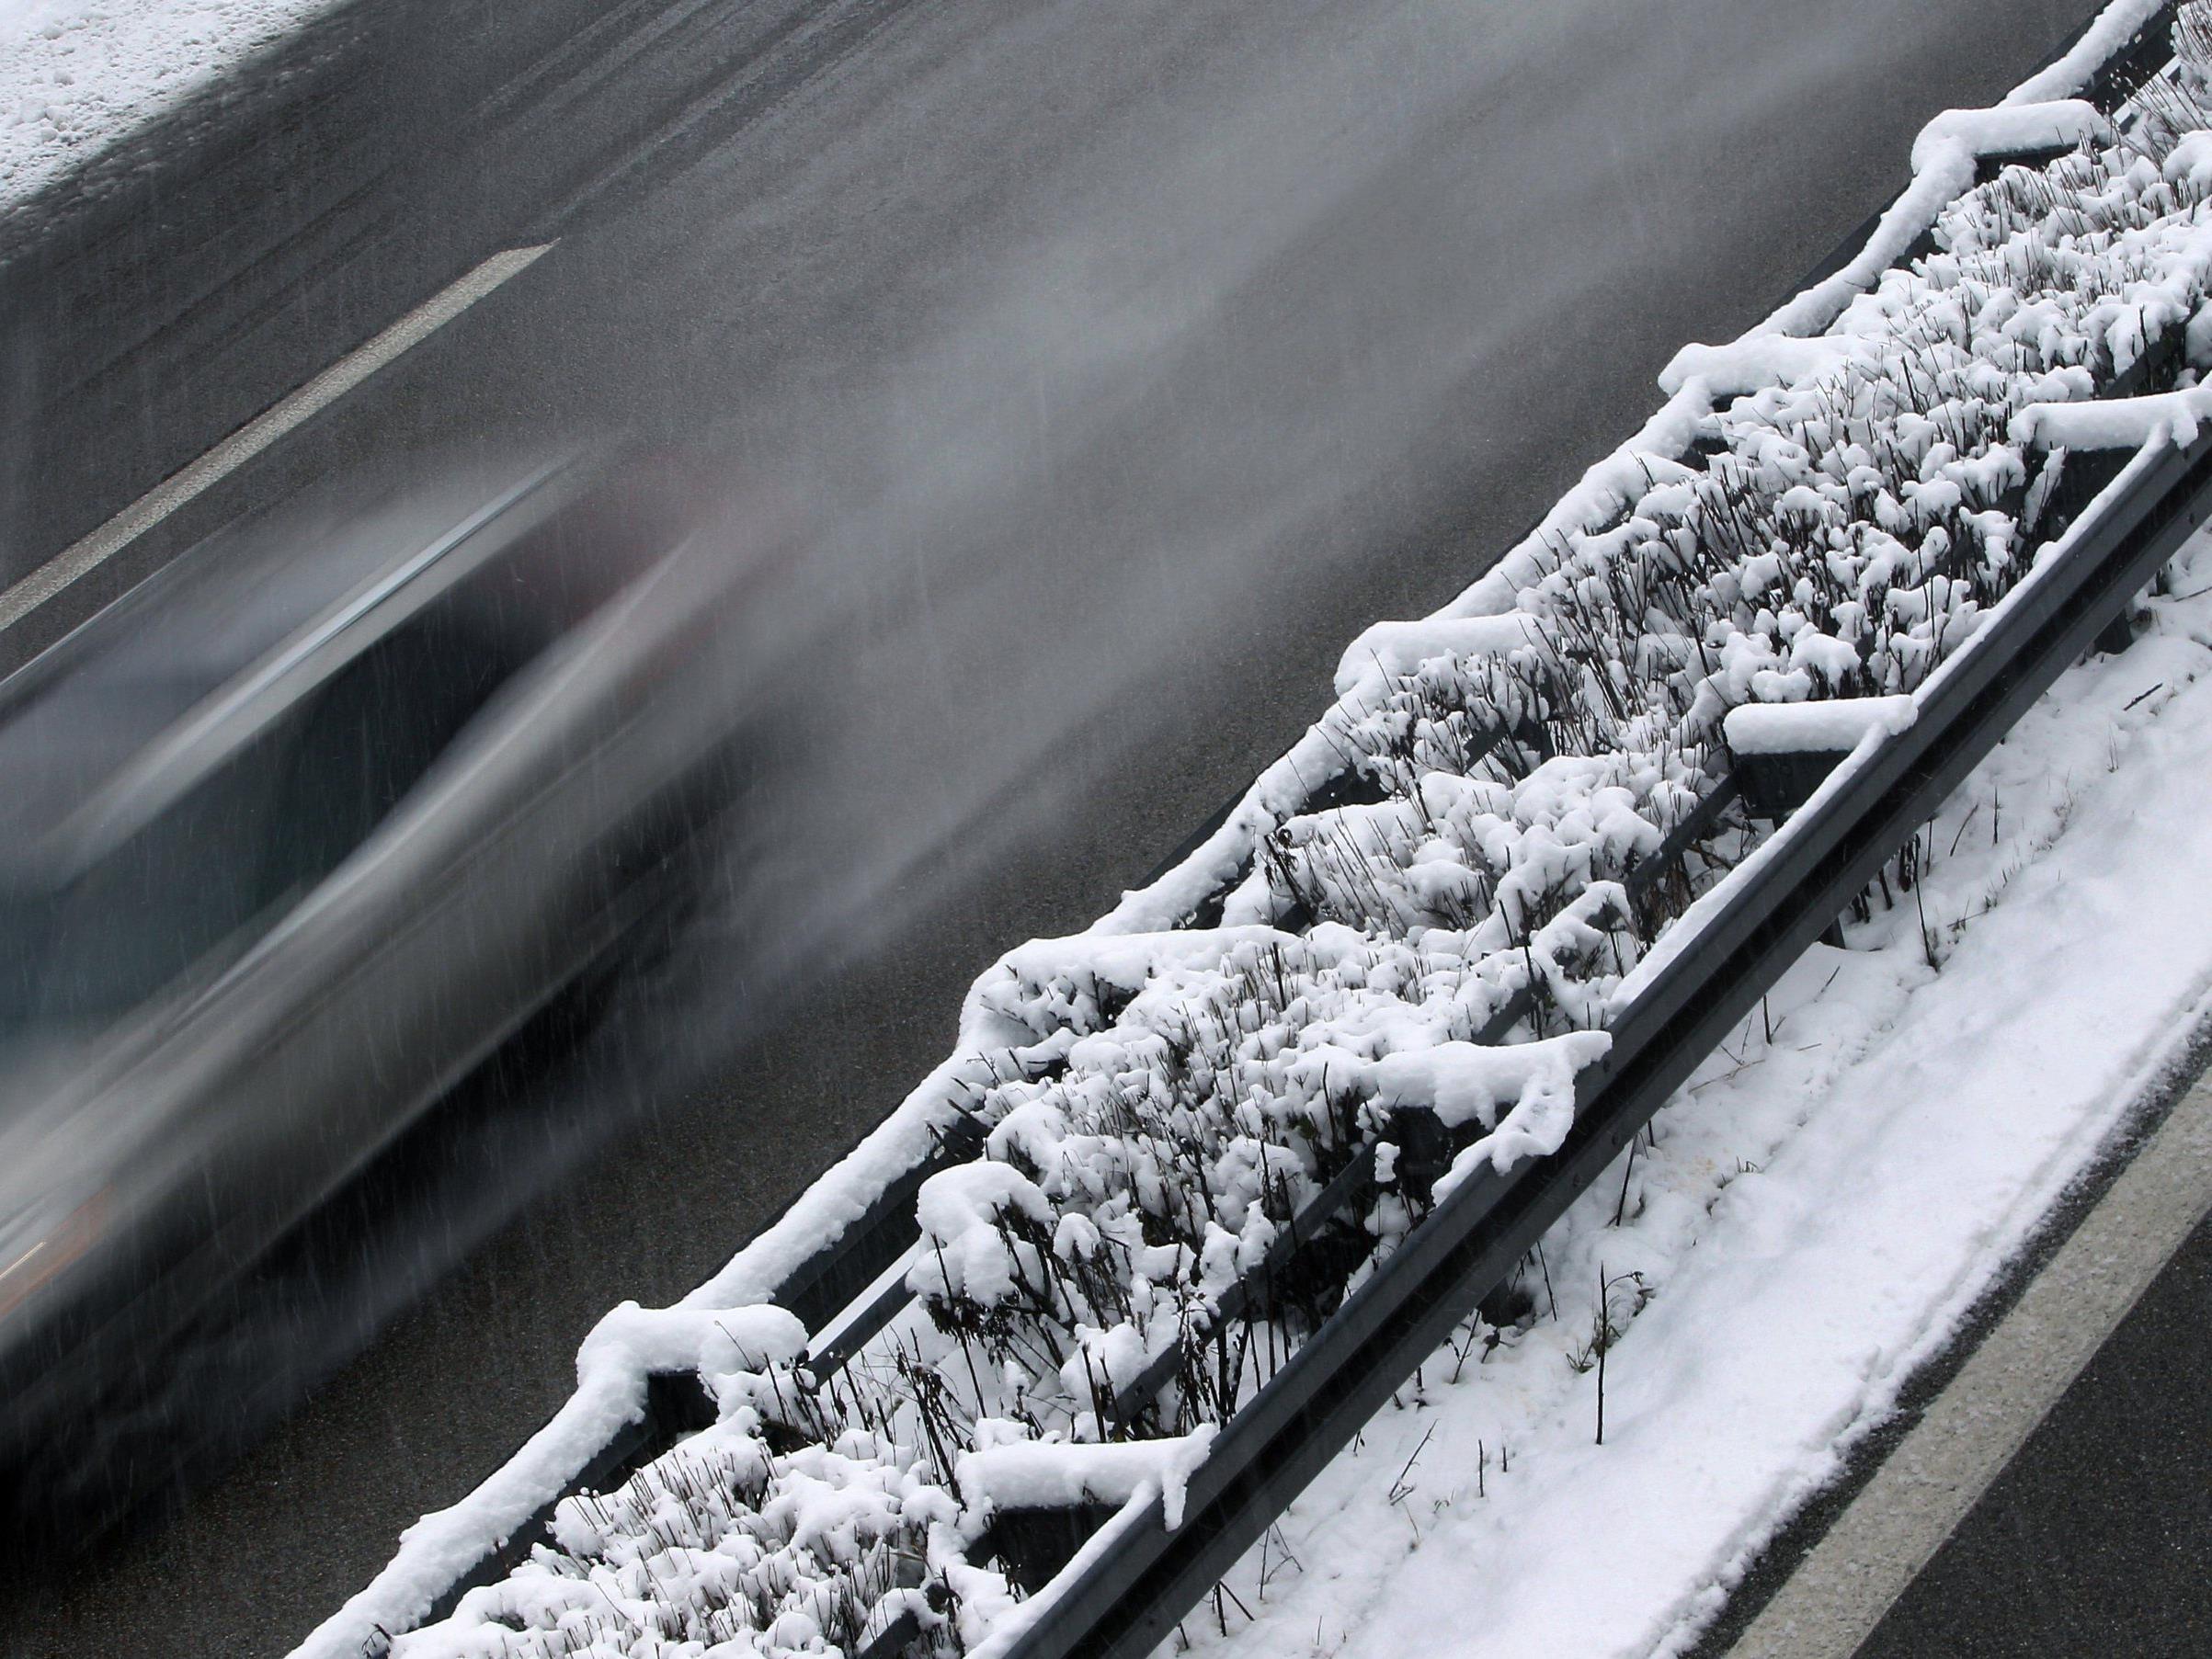 Gefährlicher Wintersport: Münchner lässt sich von Reisebus über A96 ziehen.